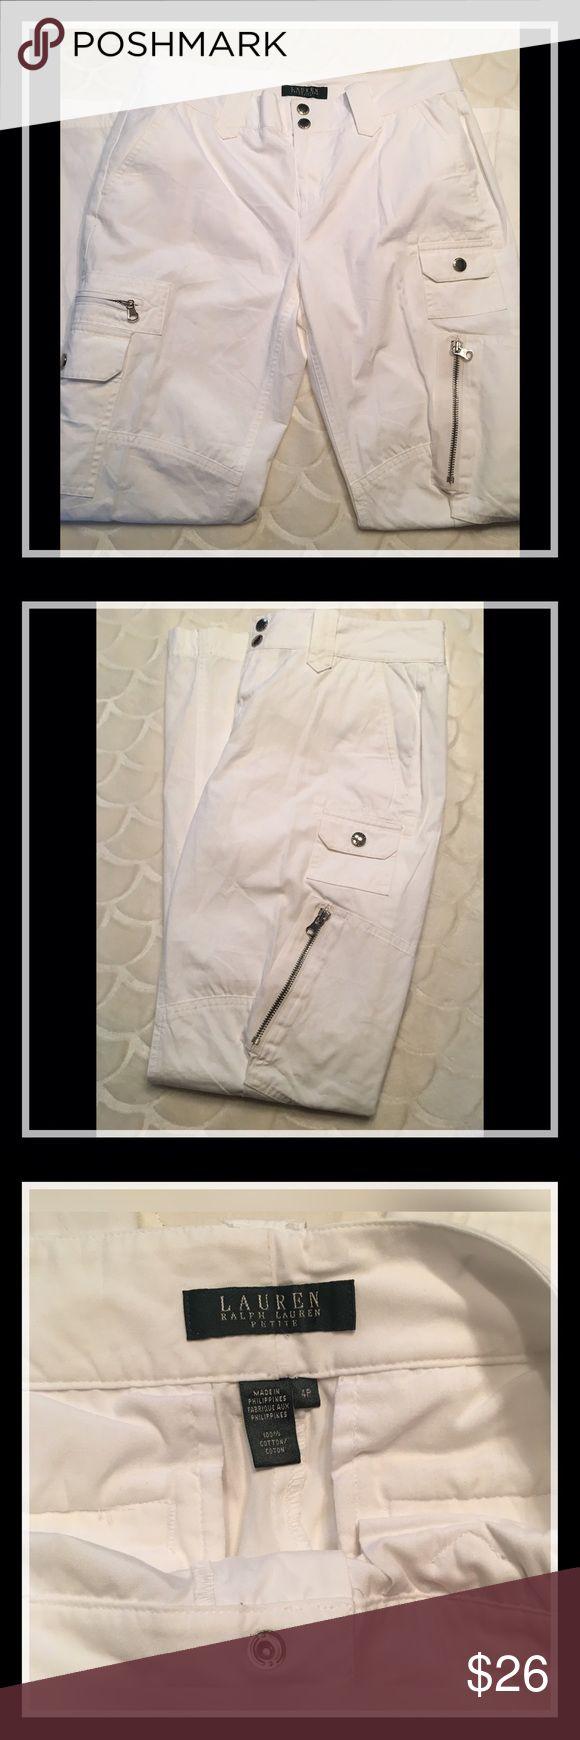 """Lauren Ralph Lauren - Sz 4P White Cargo Pants Lauren Ralph Lauren Petites - Sz 4P White Cargo Pants. Inseam measures 29"""", Excellent used condition!! Open to offers 😃 Lauren Ralph Lauren Pants"""